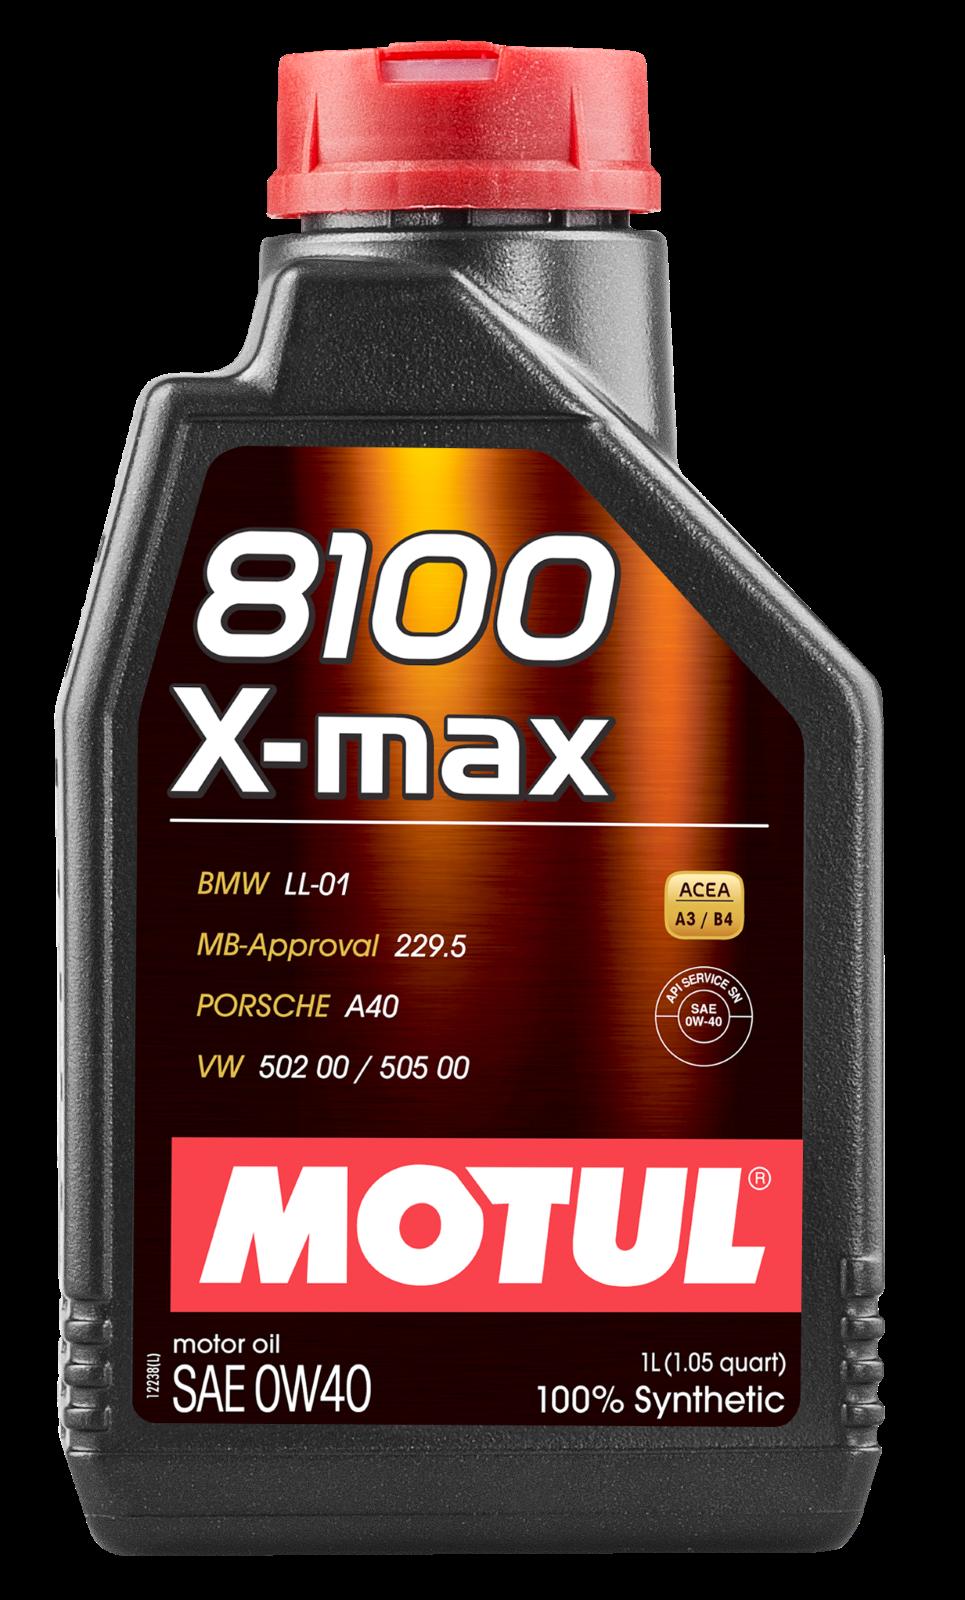 MOTUL AG MOTUL 8100 X-max 0W-40 1L